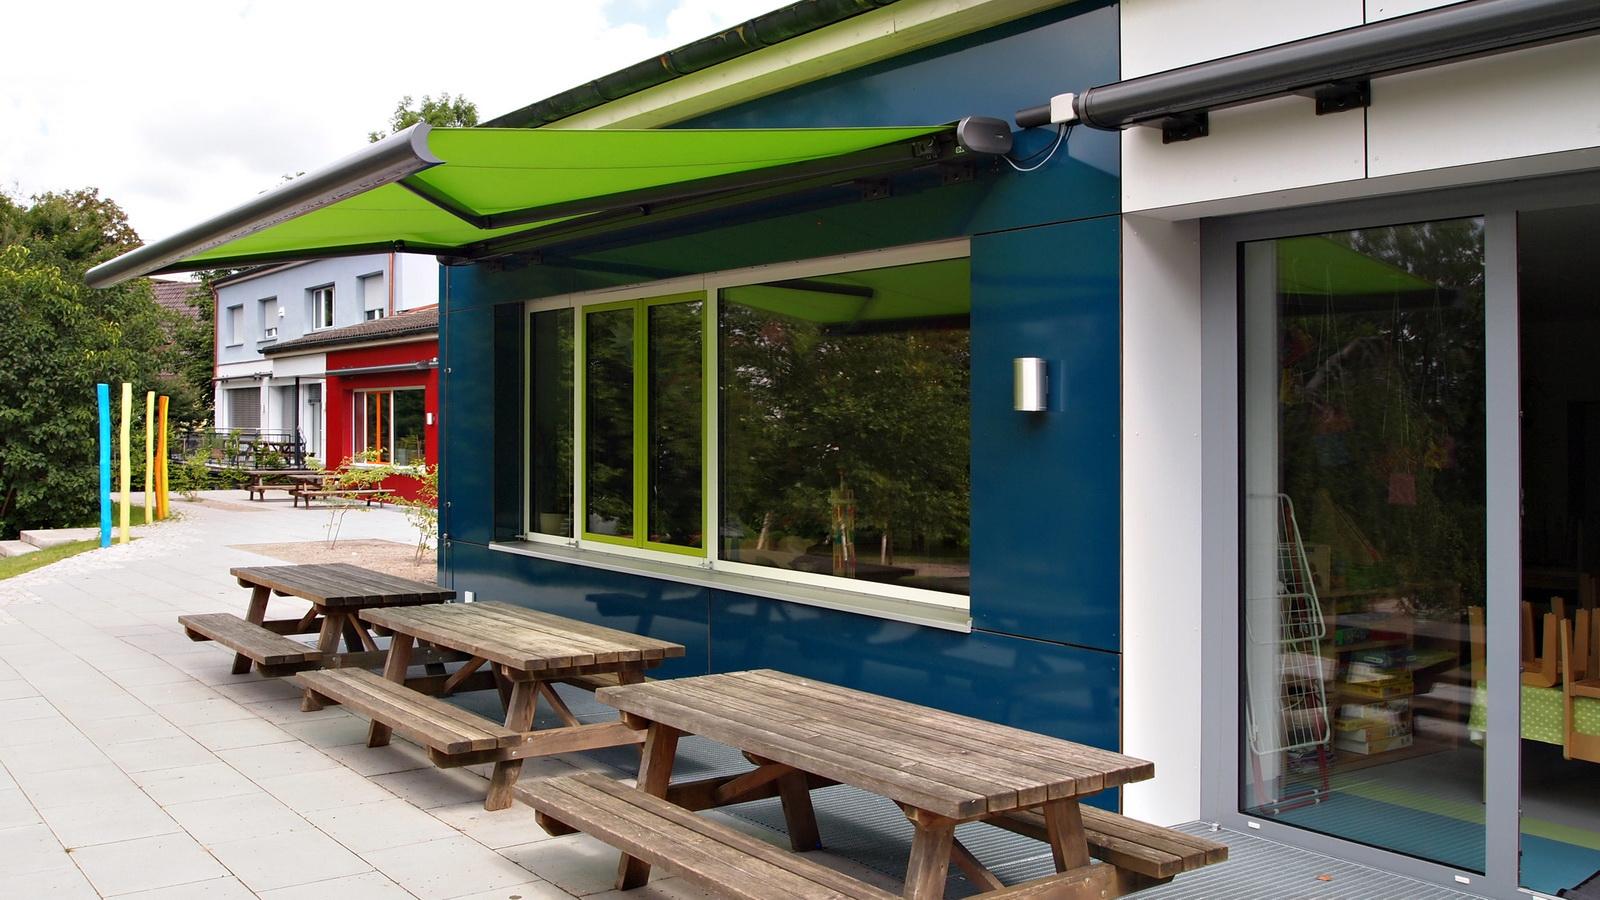 Terrasse vom Kindergarten in FFB mit gruenem Sonnensegel